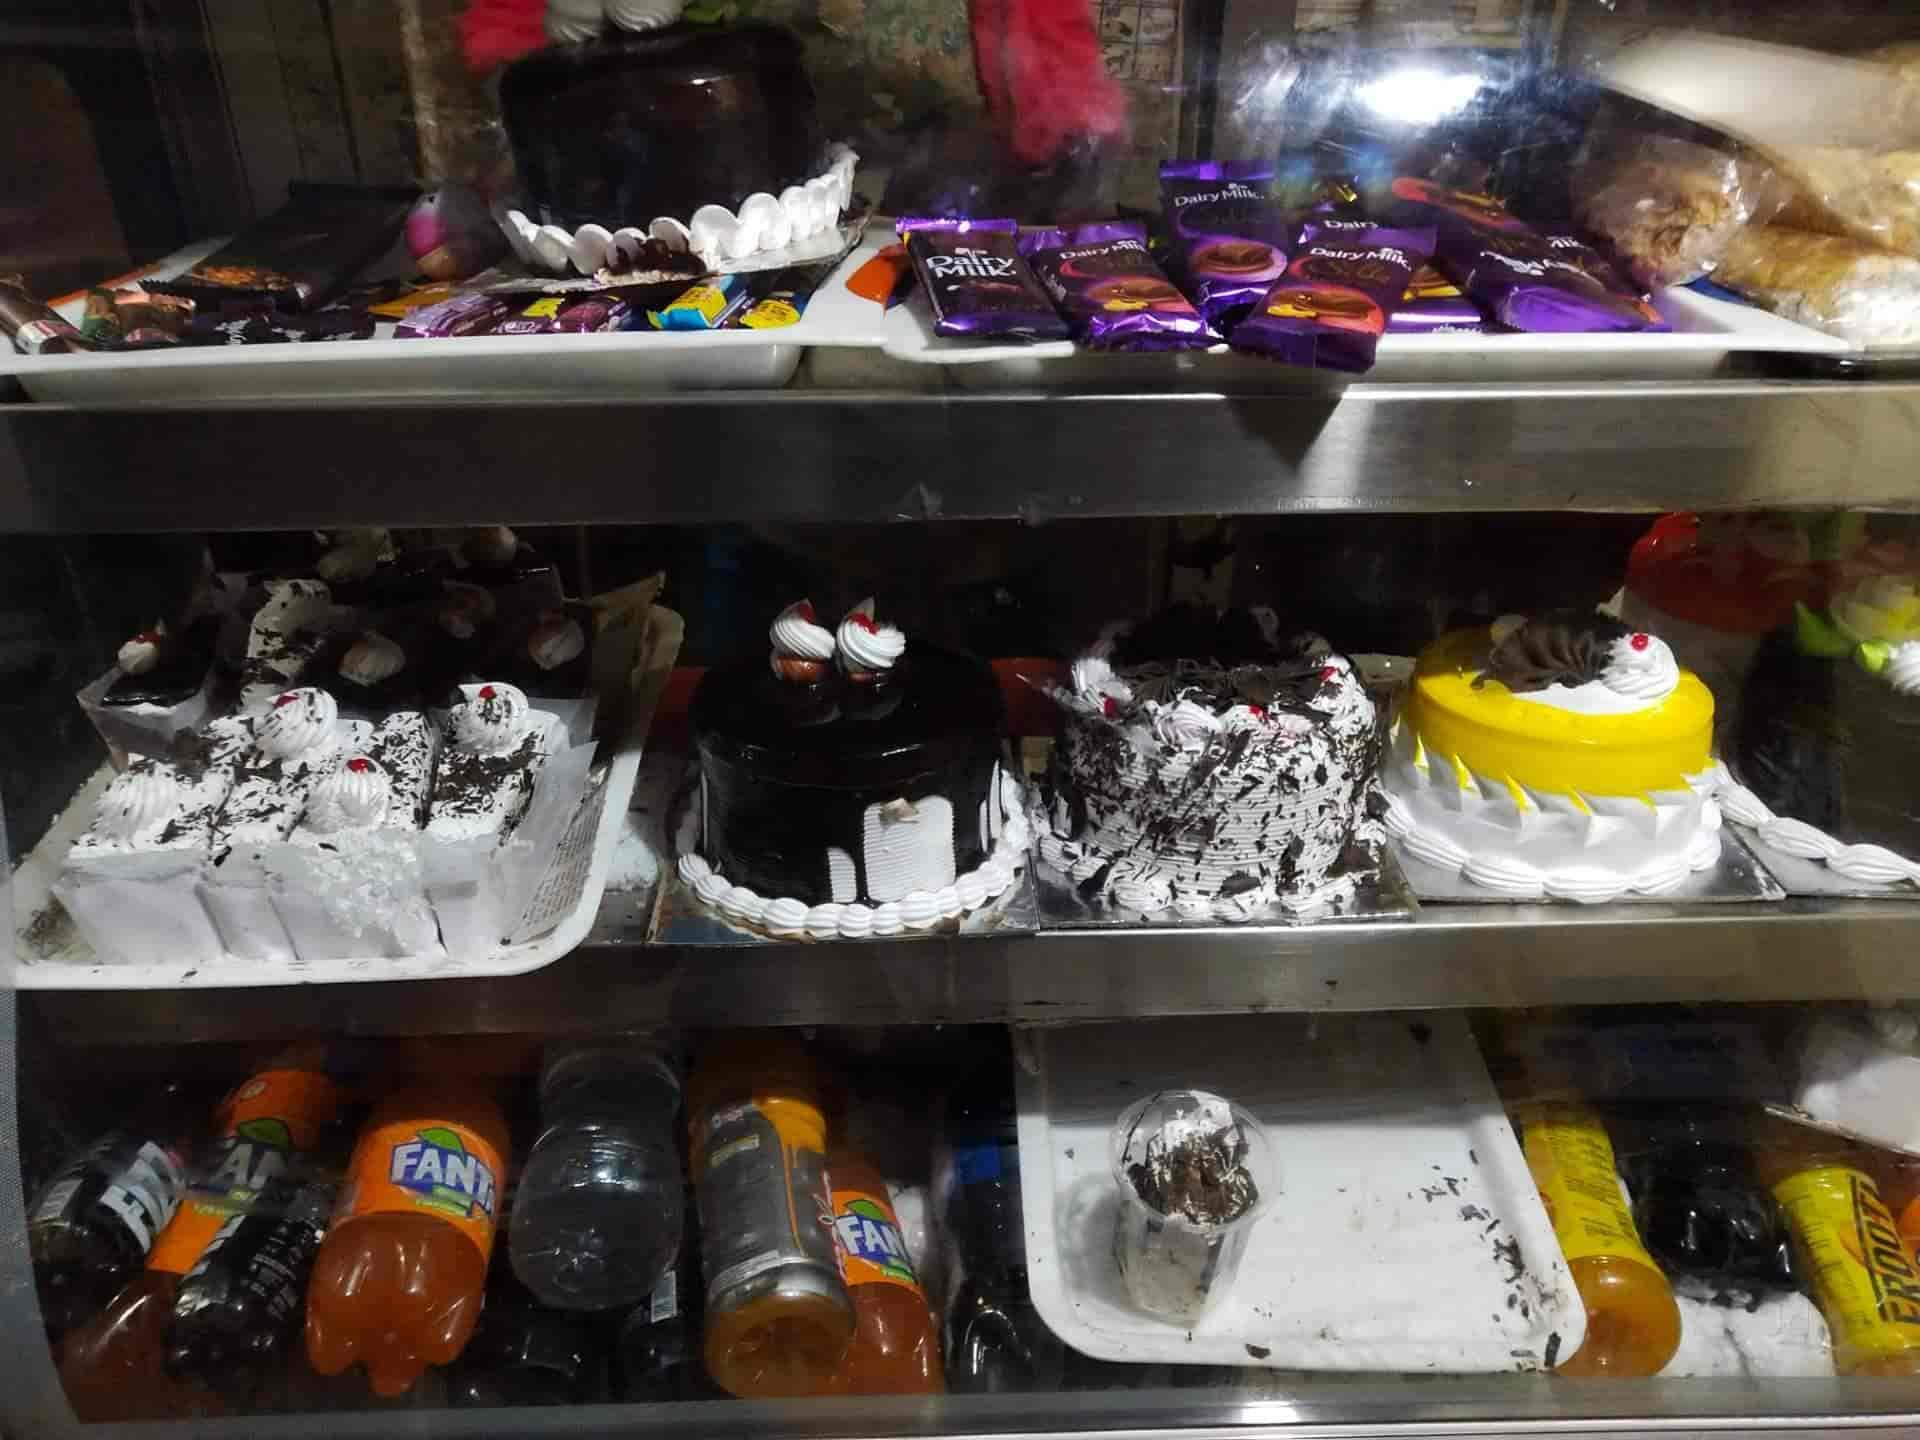 Sid Cake Shop, Khajrana, Indore - Cake Shops - Justdial